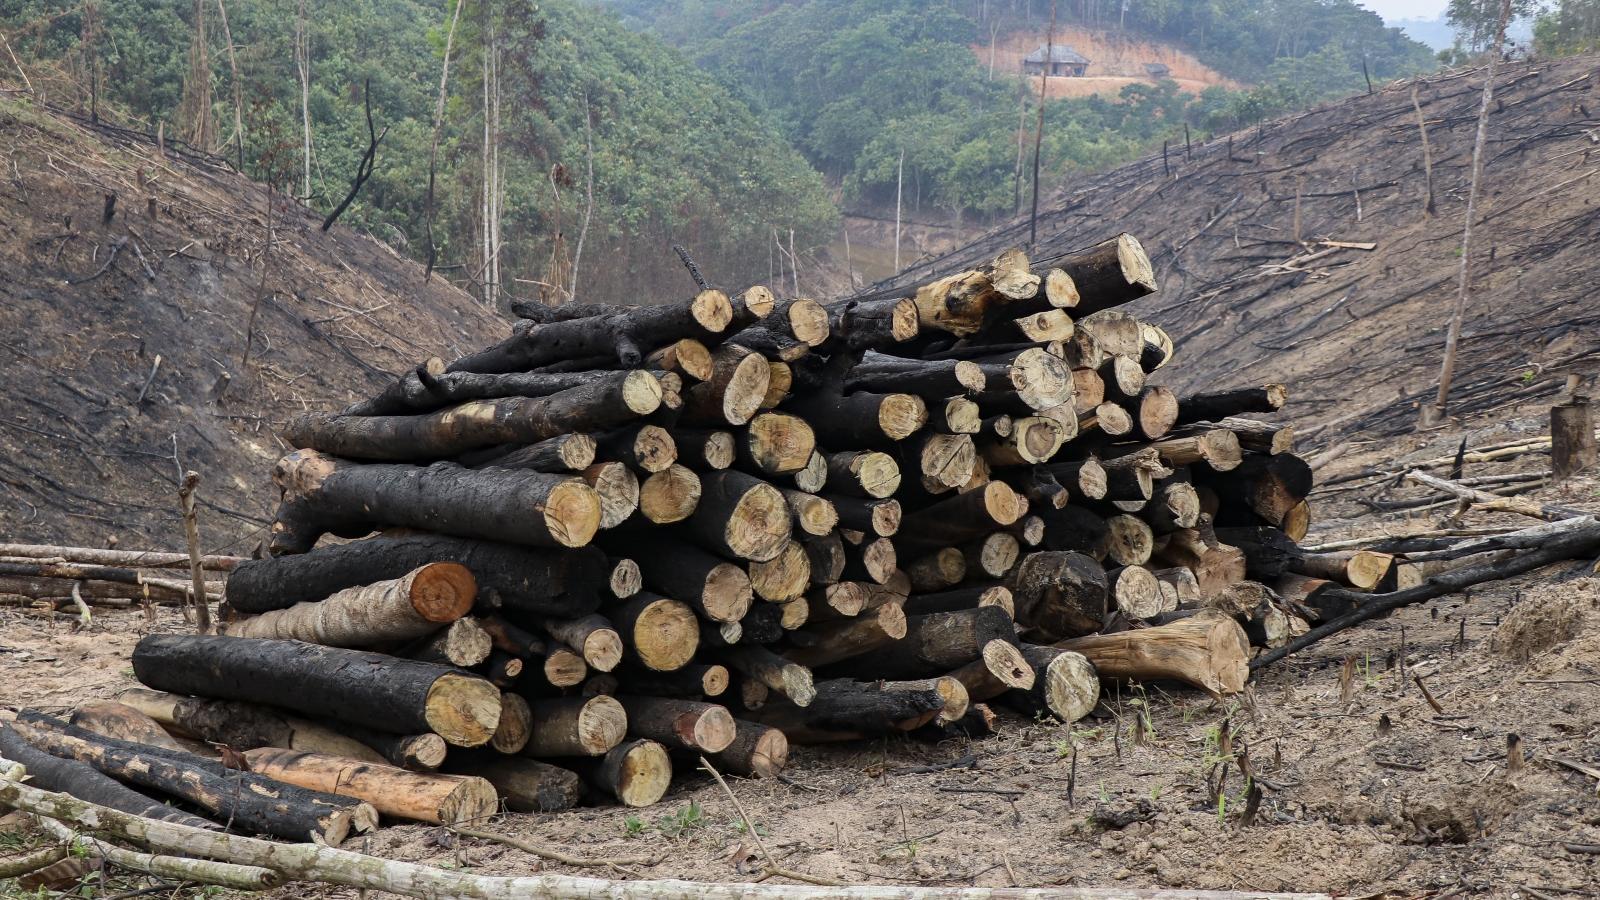 UBND tỉnh Điện Biên chỉ đạo làm rõ vụ phá rừng tái sinh ở huyện Nậm Pồ